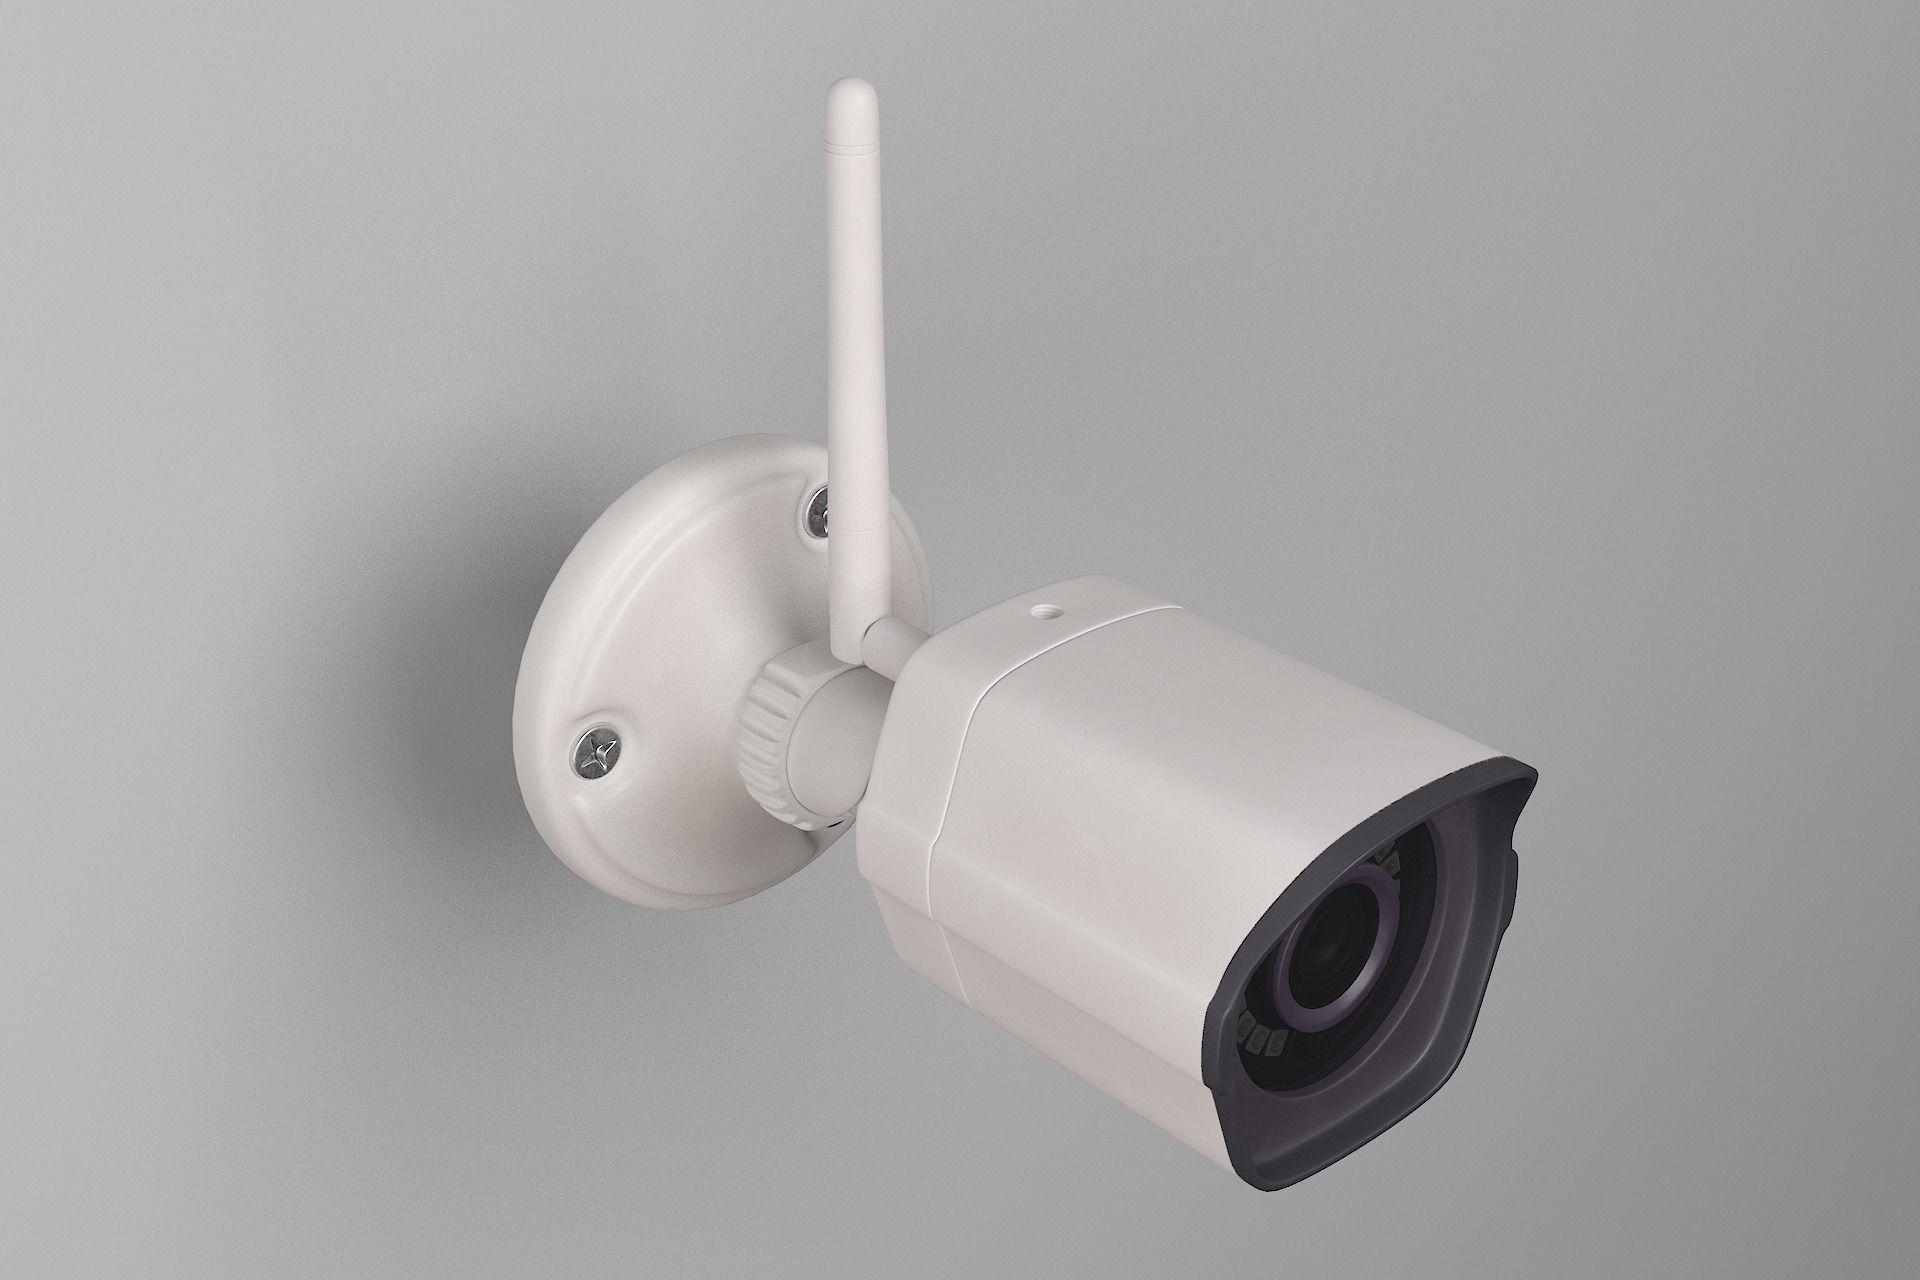 Zmodo Outdoor Security Surveillance Camera